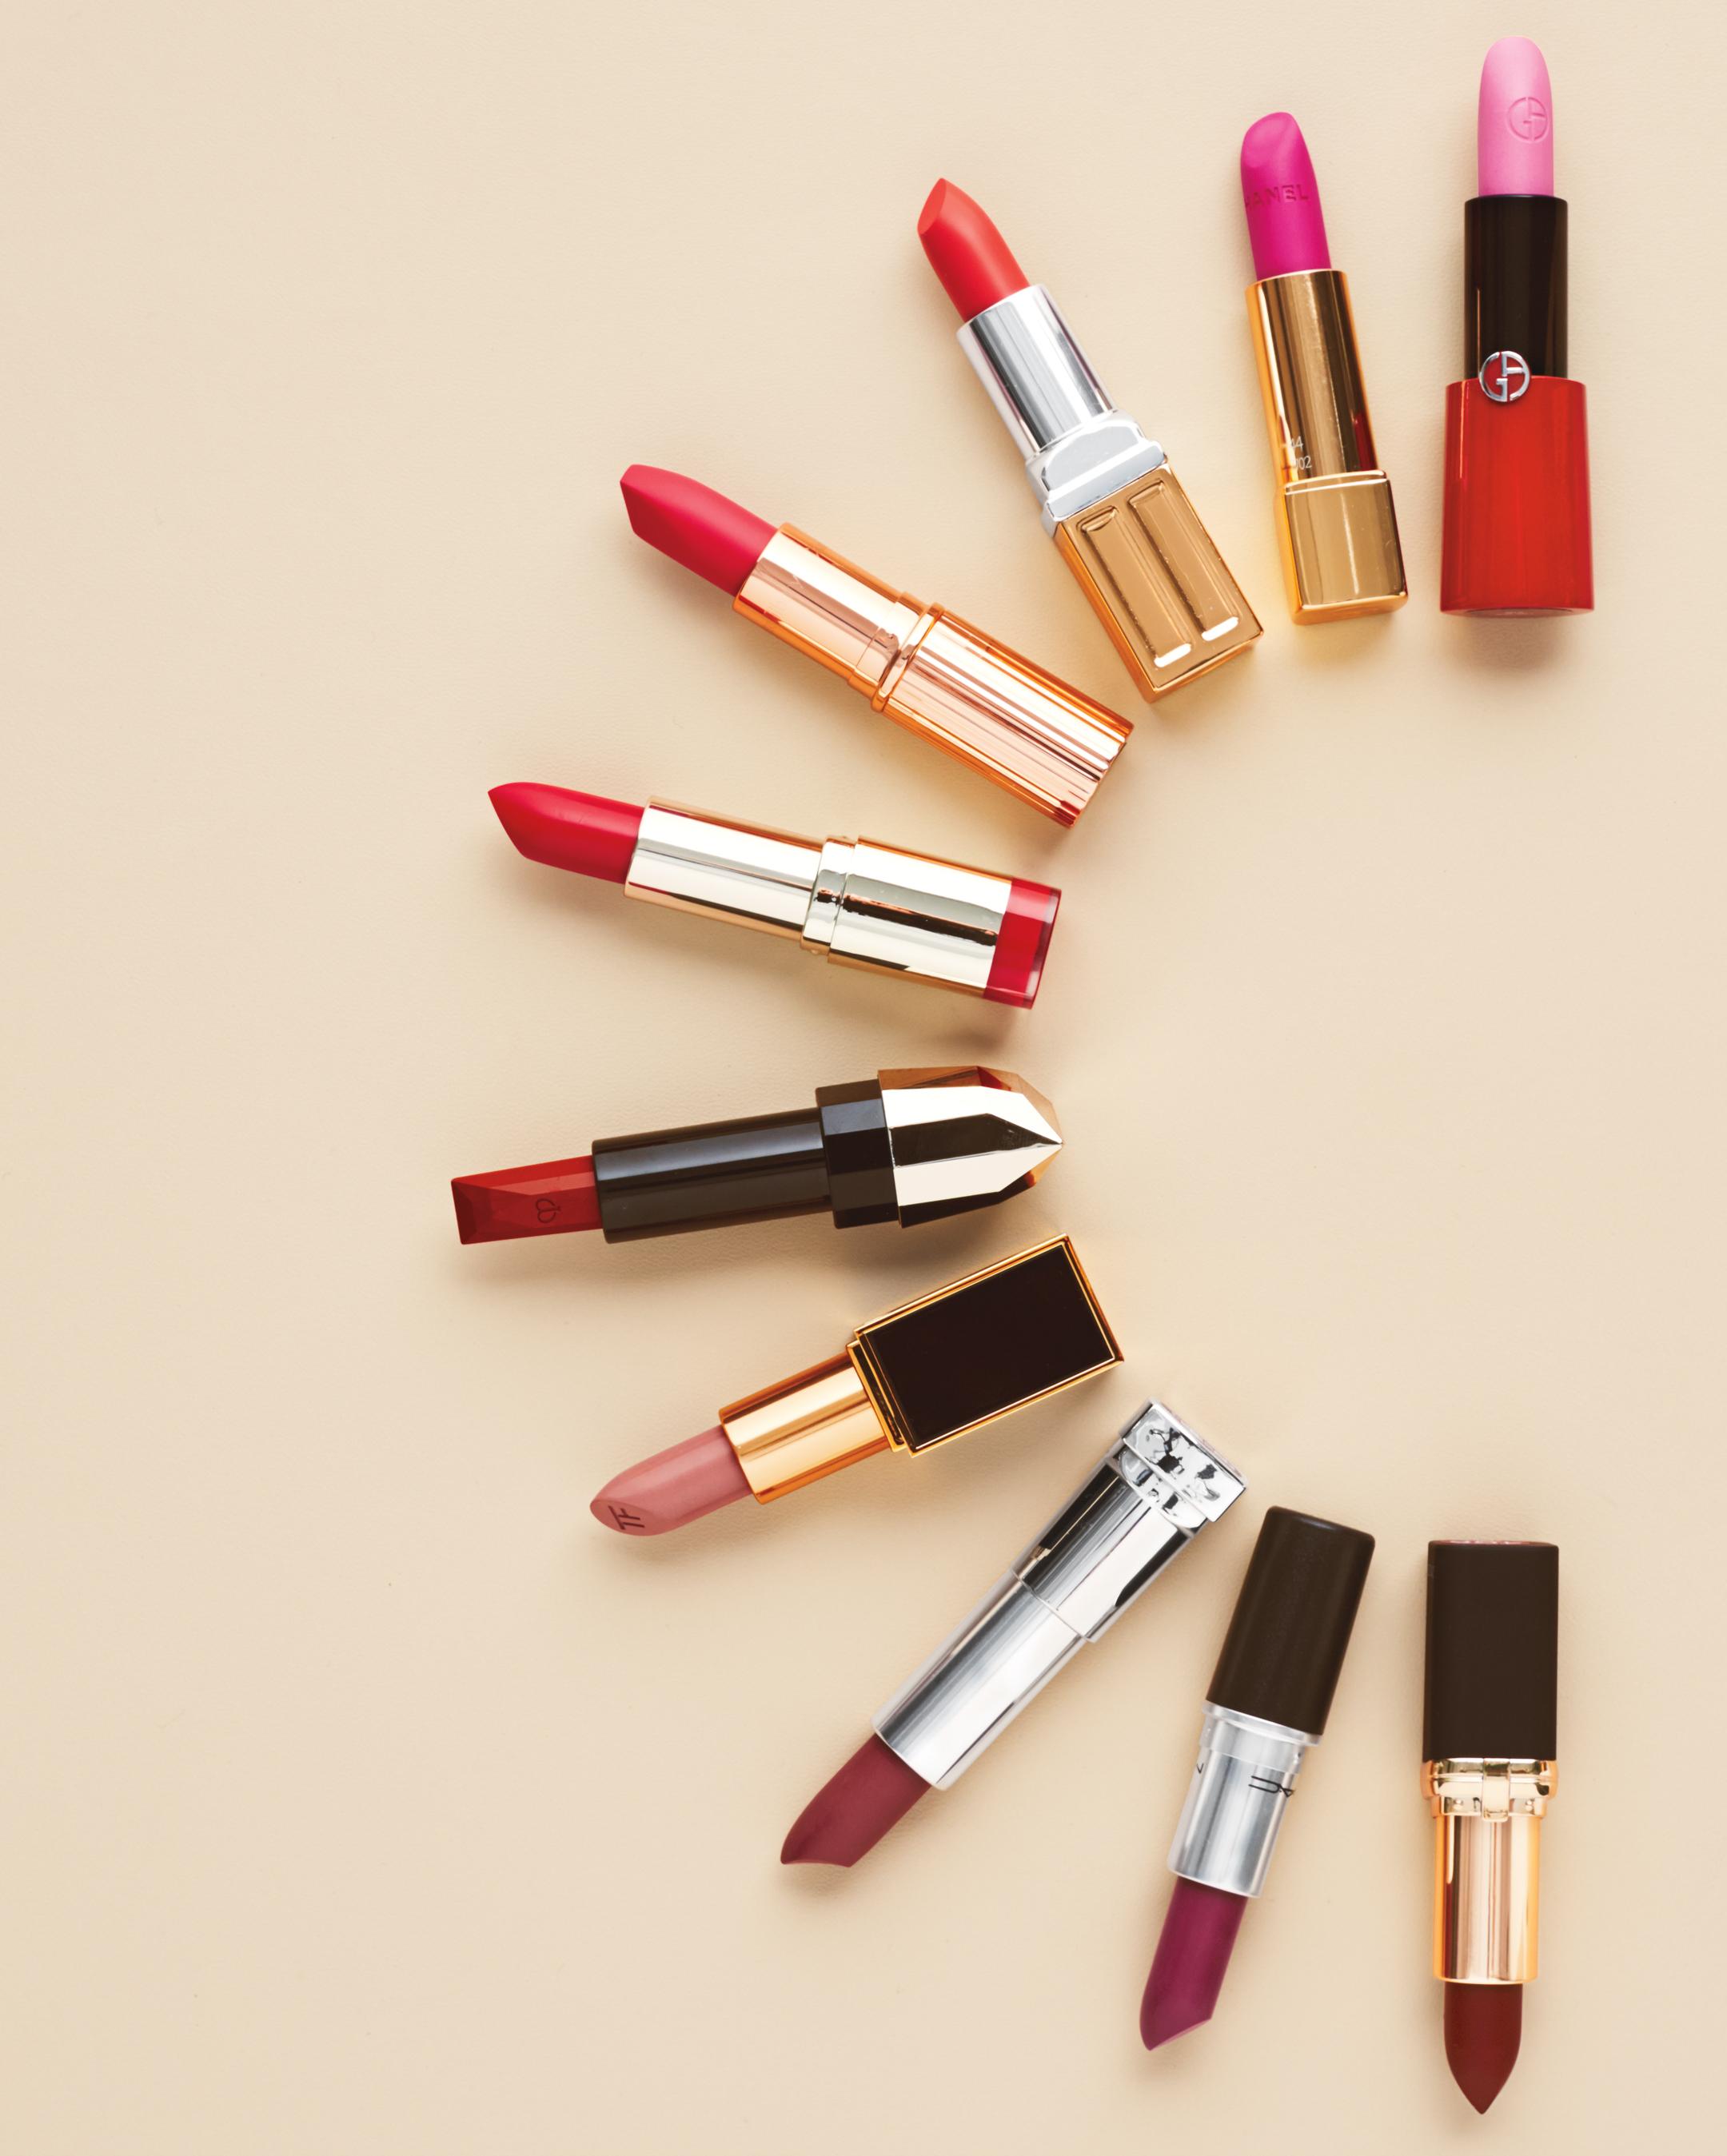 beauty-lipstick-040-d112163.jpg